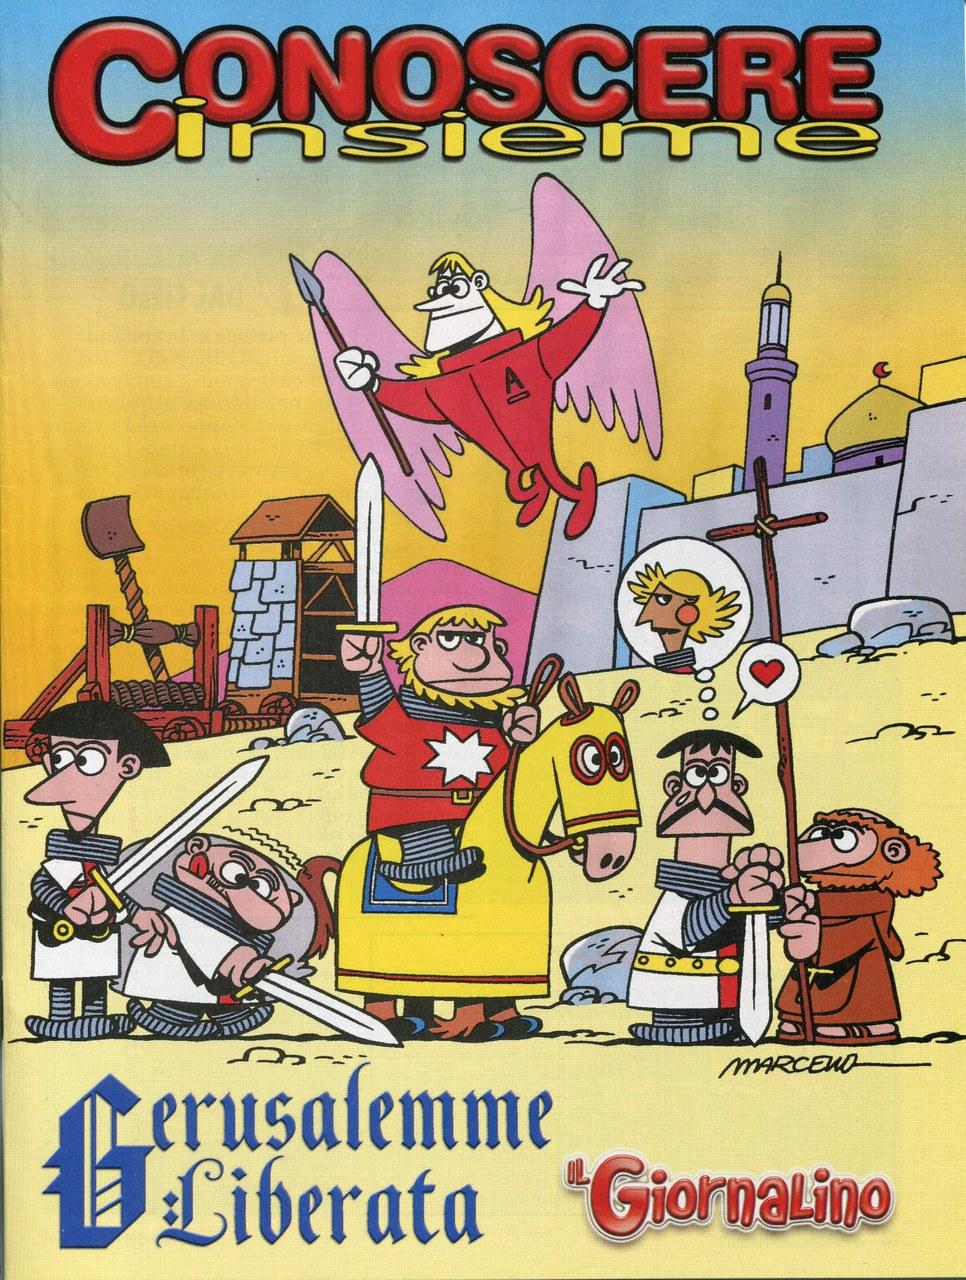 Marcello Toninelli,Conoscere insieme: La Gerusalemme liberata, 2004, copertina [World © Marcello/per l'Italia Cartoon Club Editore 2010]